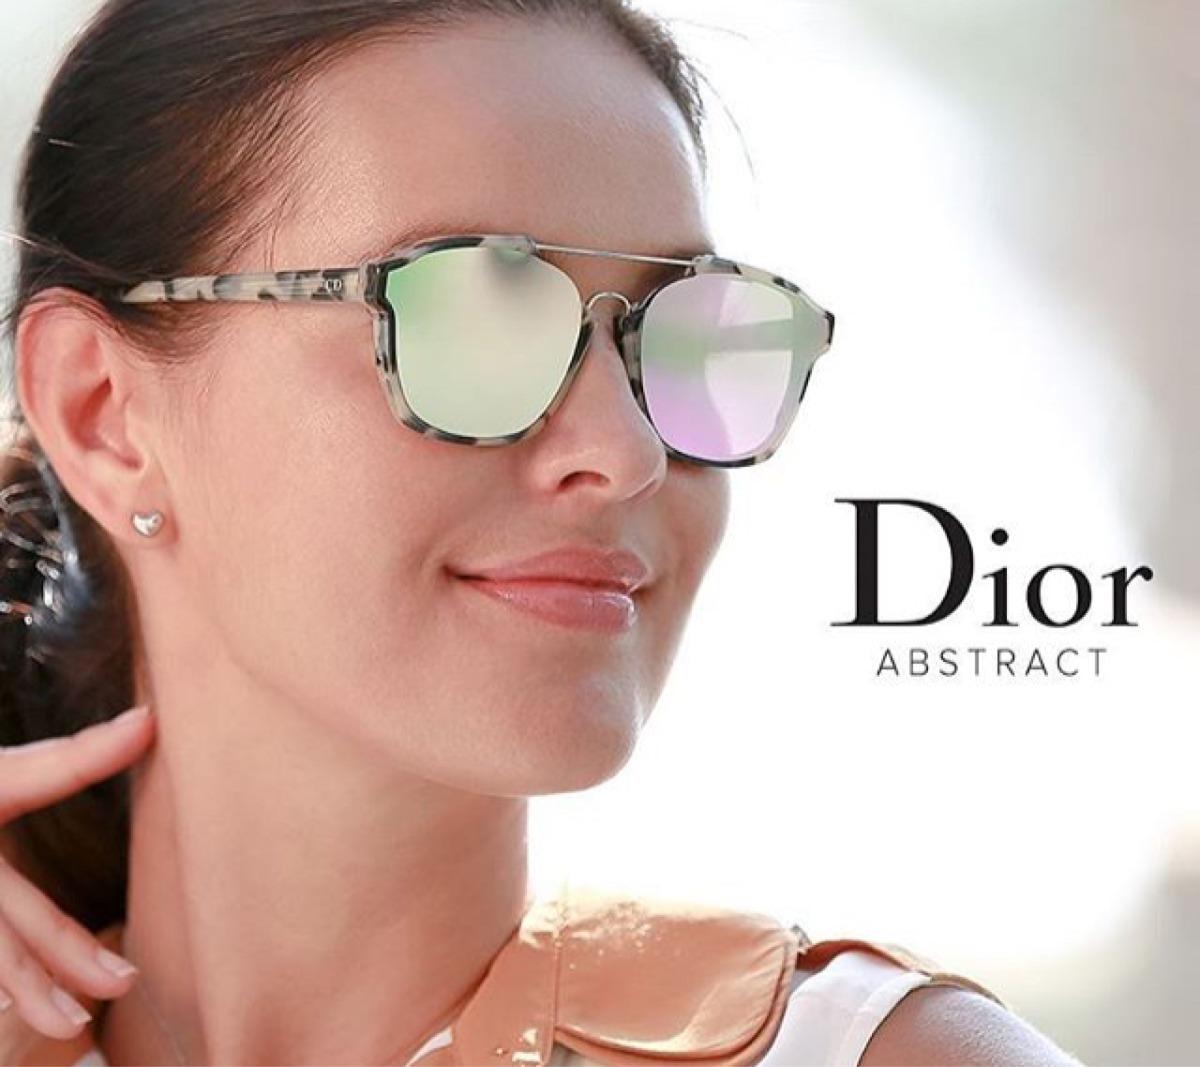 3faa268f9 Novo Dior Abstract - R$ 150,00 em Mercado Livre